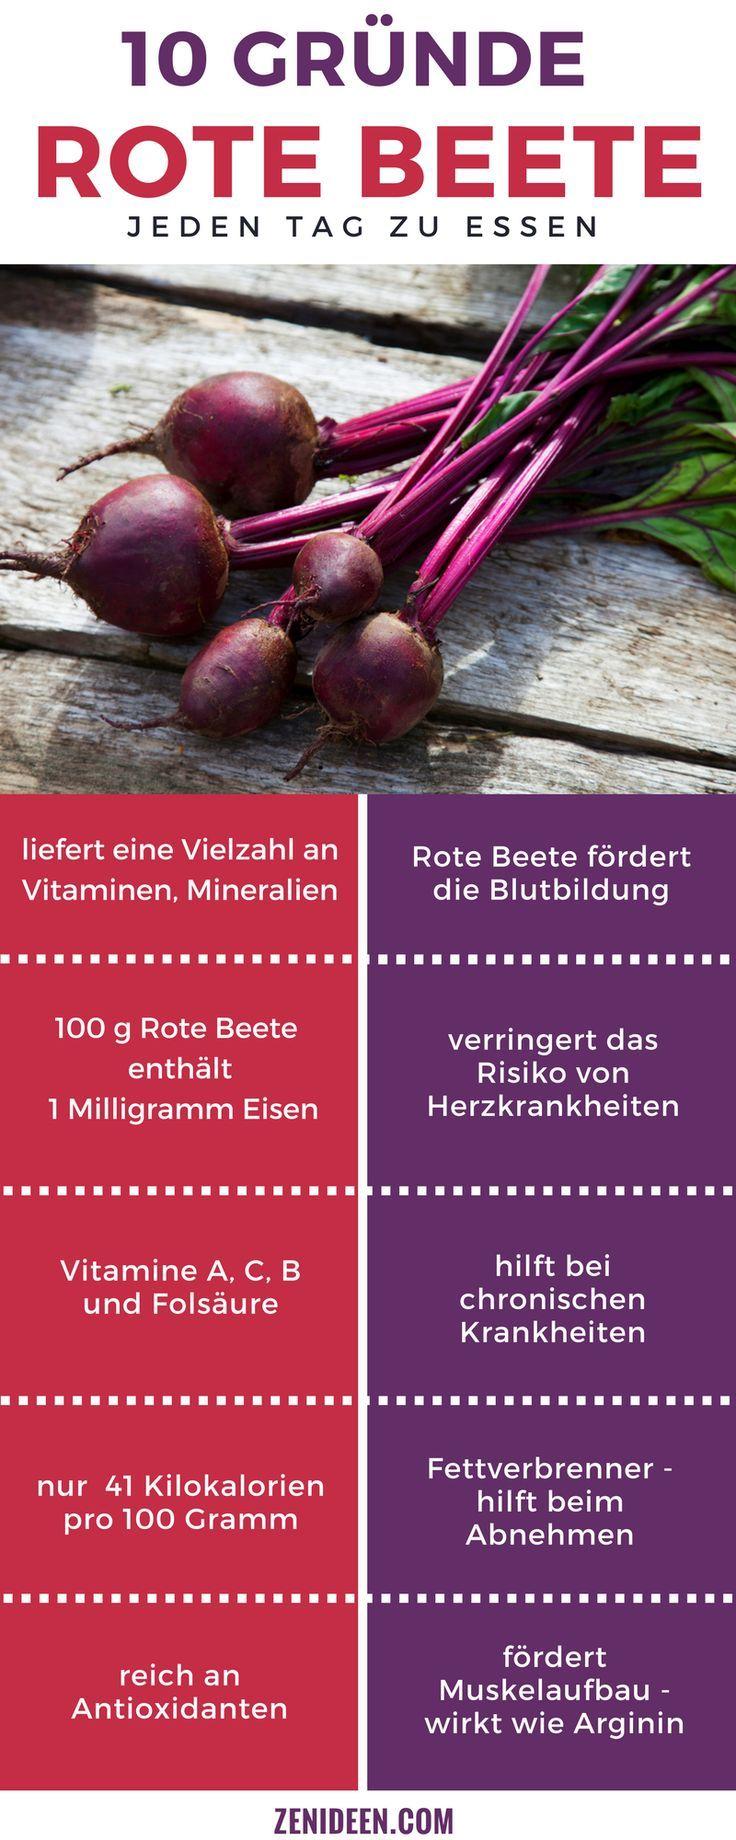 Food infographic – Rotes Wunder für Gesundheit: 10 Gründe Rote Beete gesund zu sein – Ira Bungenberg